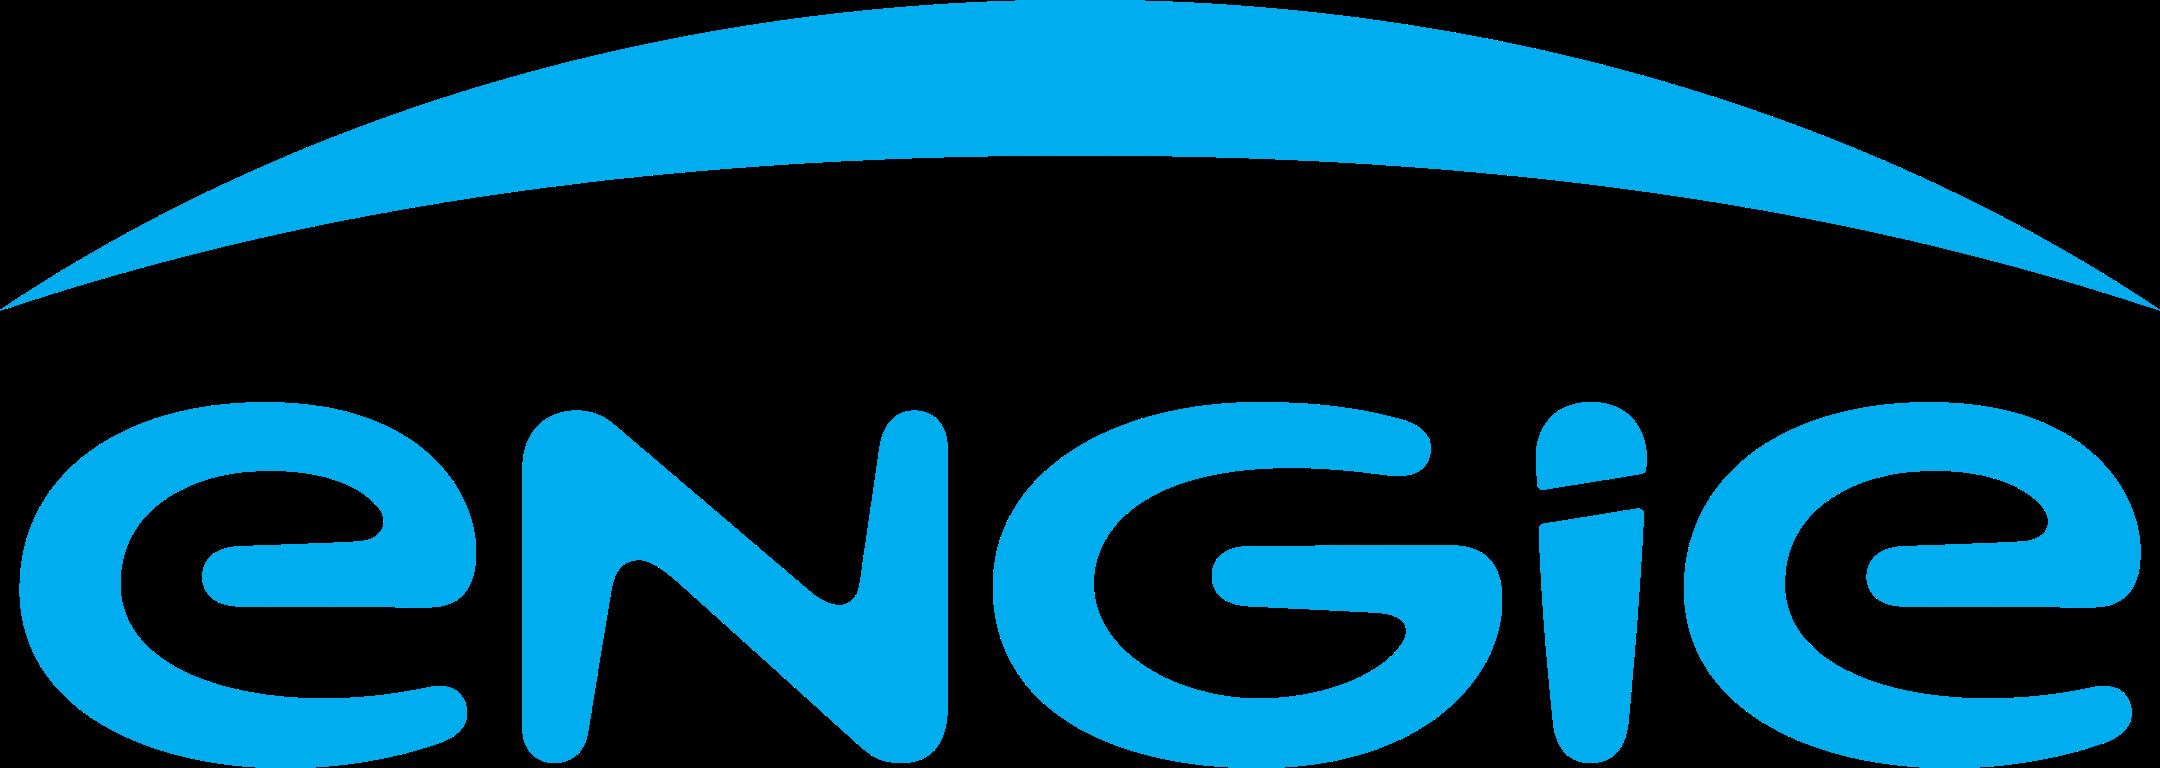 engie logo 1 - Engie Logo